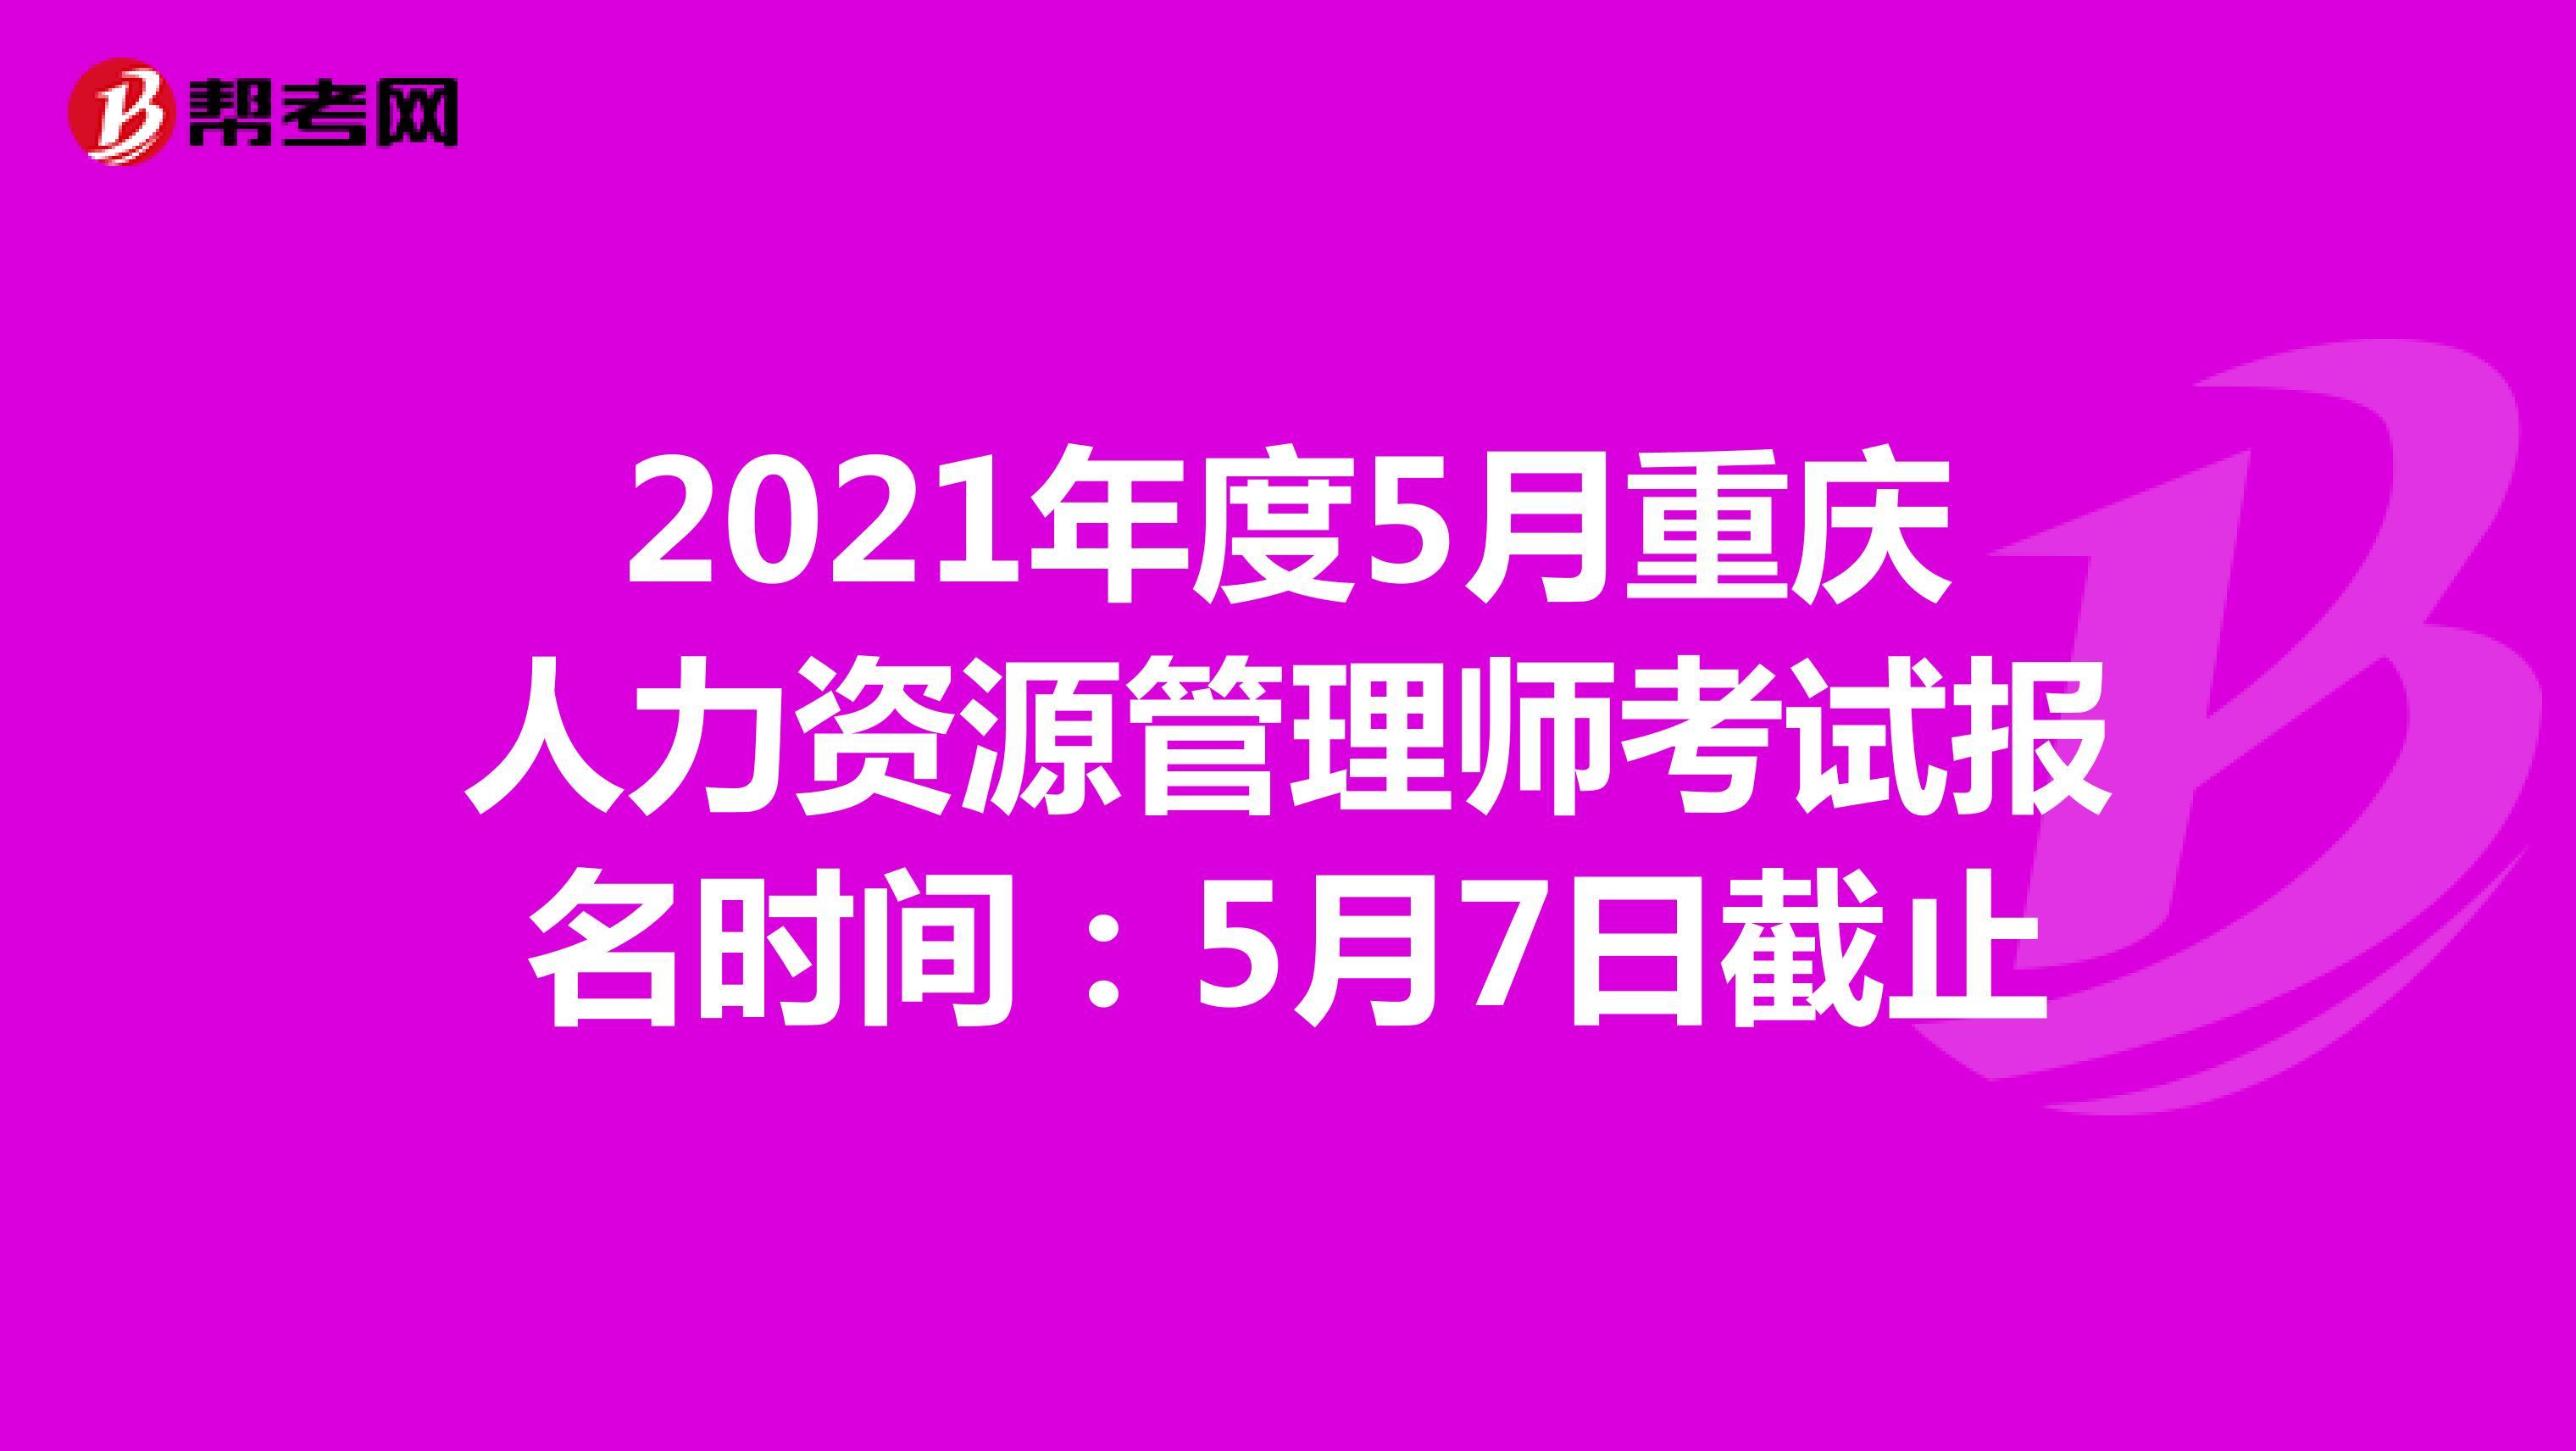 2021年度5月重庆人力资源管理师考试报名时间:5月7日截止